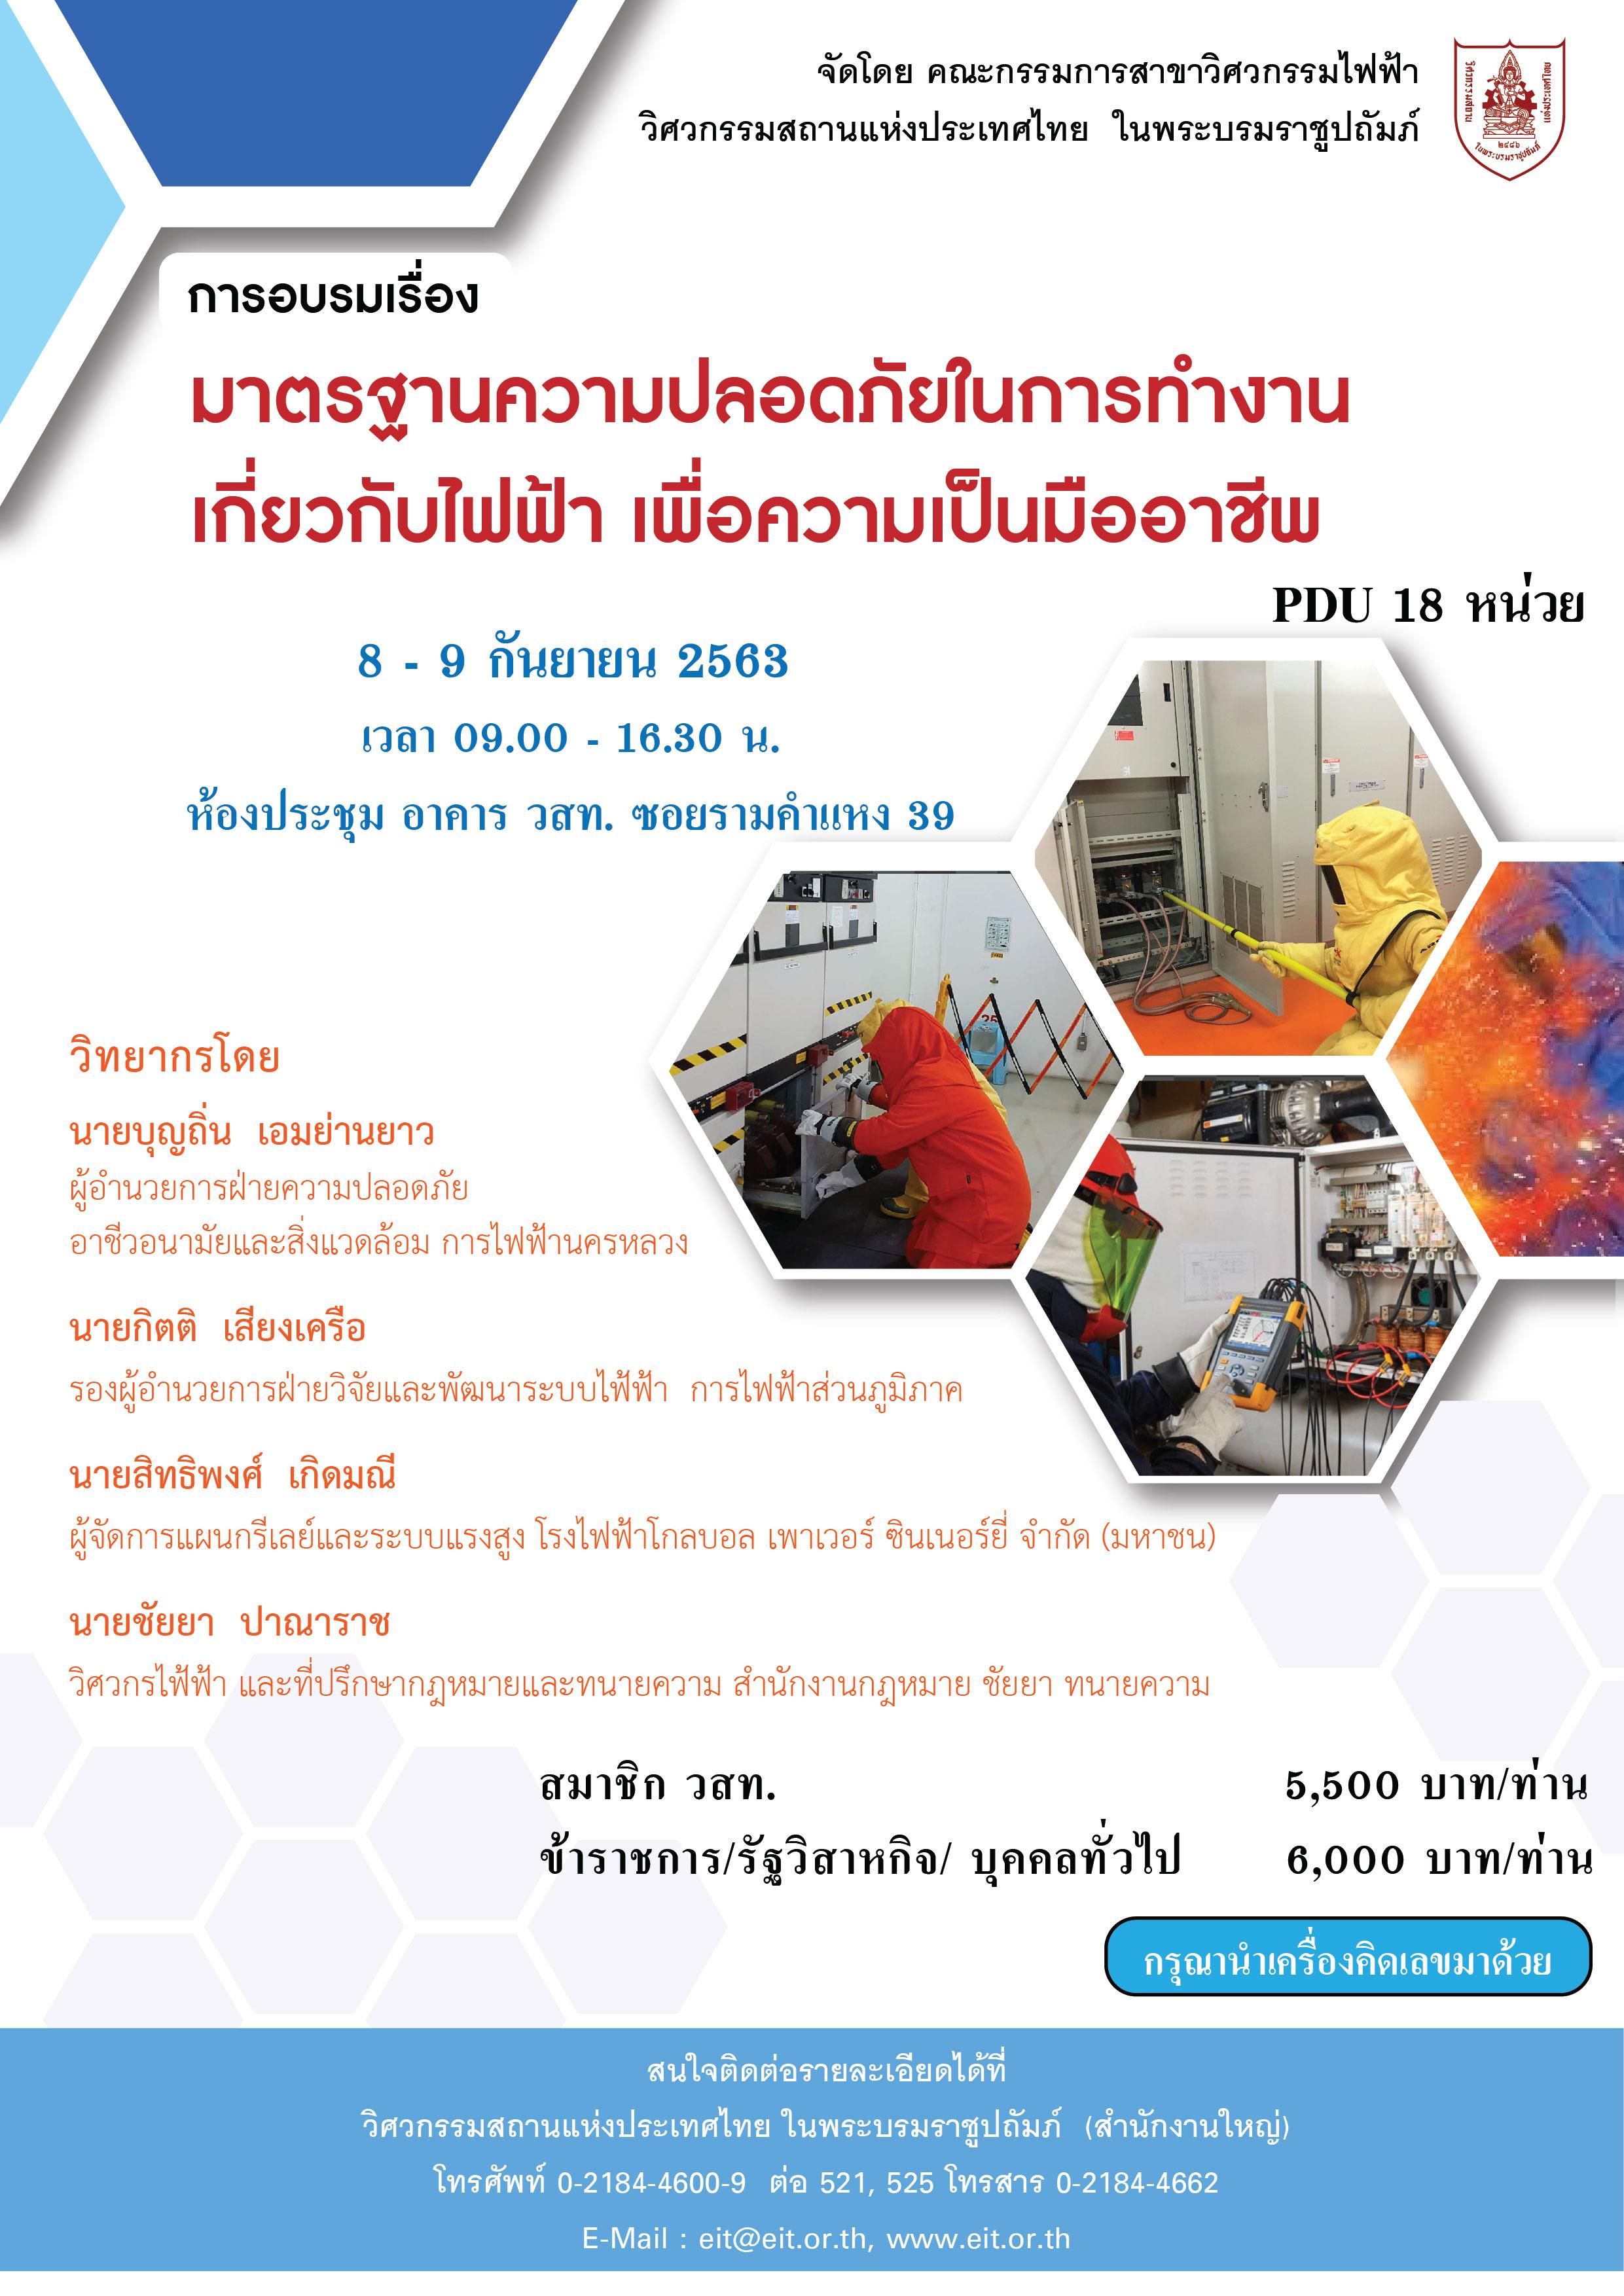 8-9/9/2563 มาตรฐานความปลอดภัยในการทำงานเกี่ยวกับไฟฟ้า เพื่อความเป็นมืออาชีพ